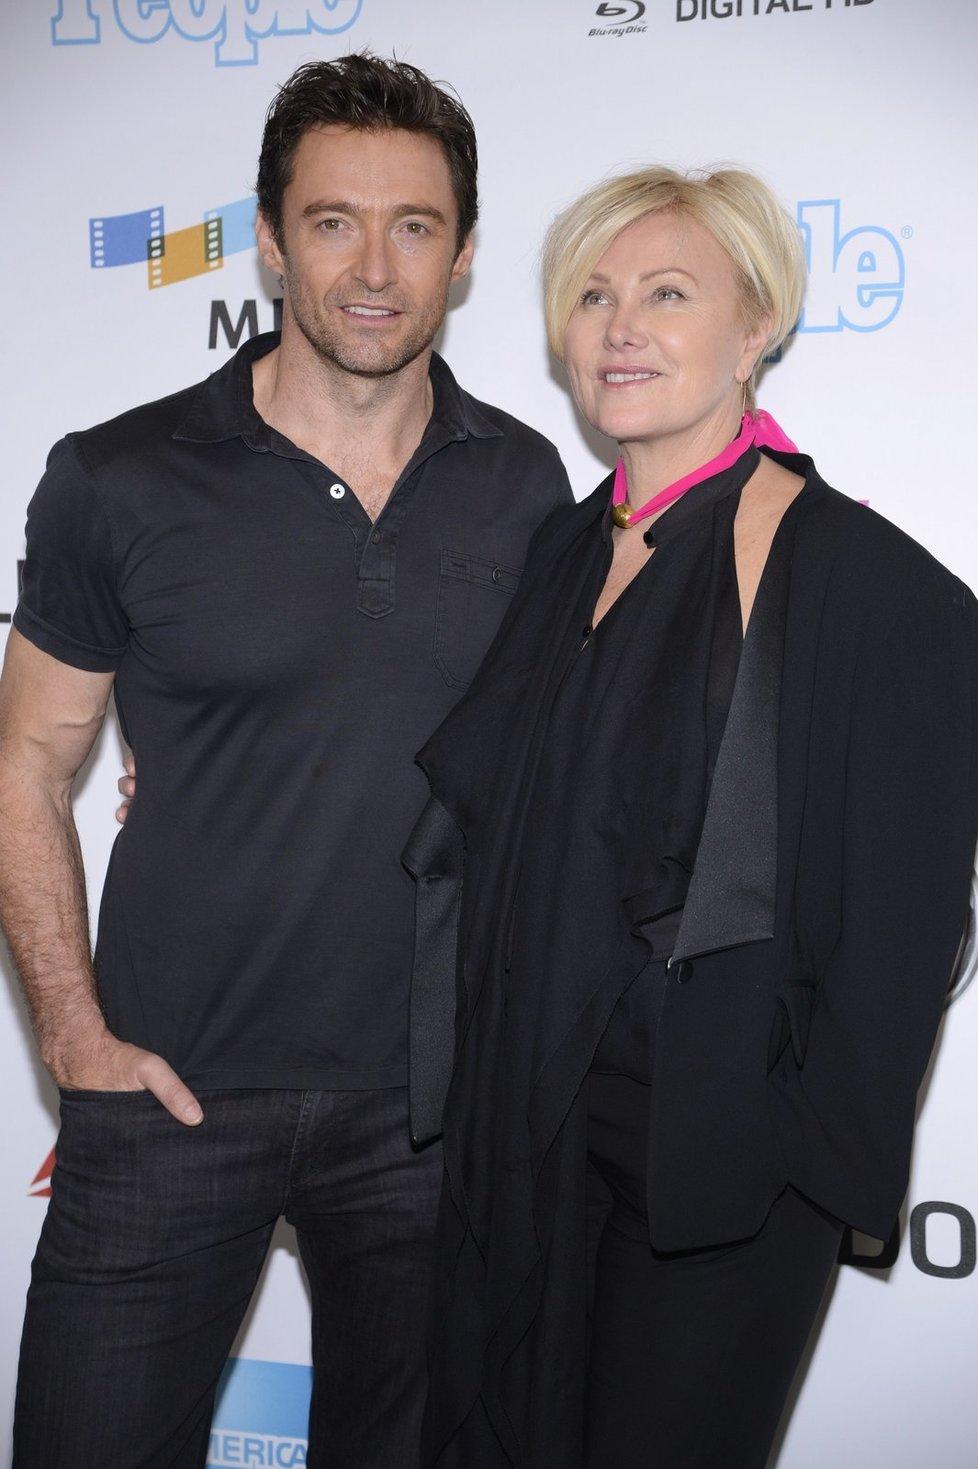 Srdce Hugha Jackmana (47) si získala žena starší o třináct let. S australskou herečkou Deborrou-Lee Furness (60) tvoří jeden z nejstabilnějších párů Hollywoodu a své ano si řekli v roce 1996. Mají adoptované dvě děti, Oscara (14) a Avu (9).